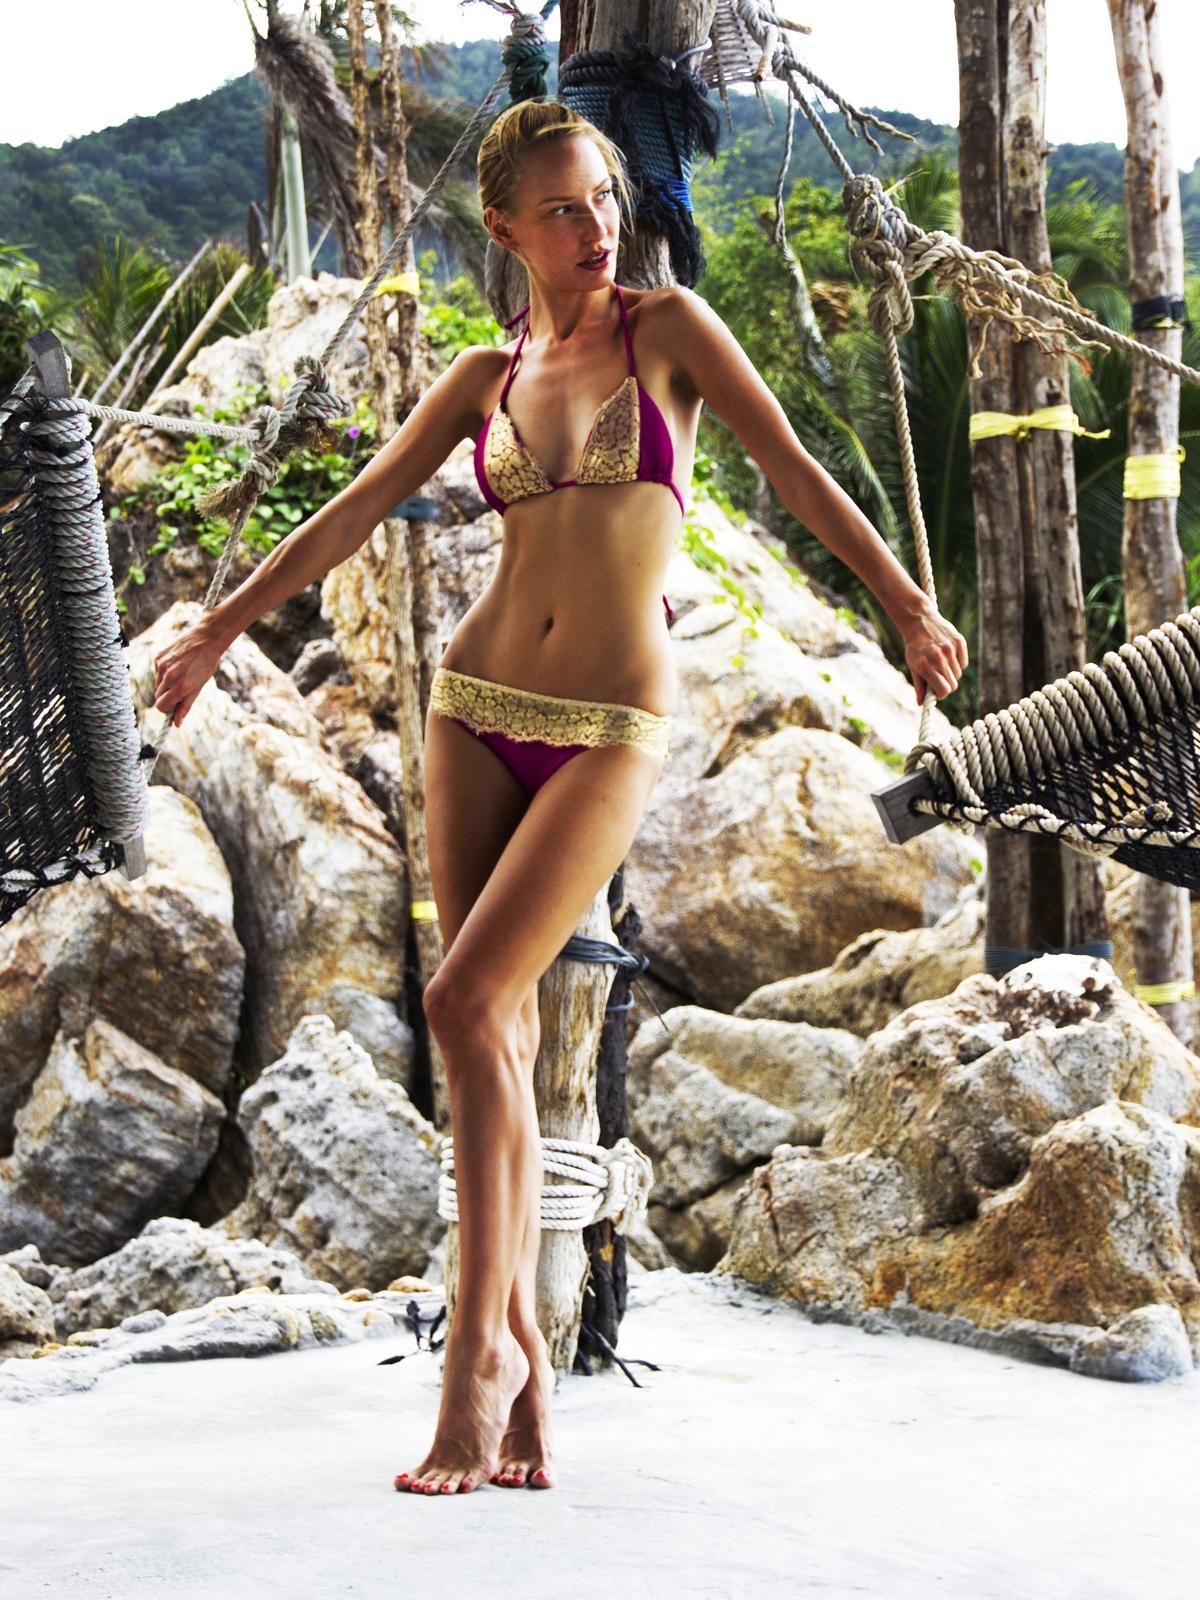 Определен победитель викторины Выиграй купальник от украинского бренда